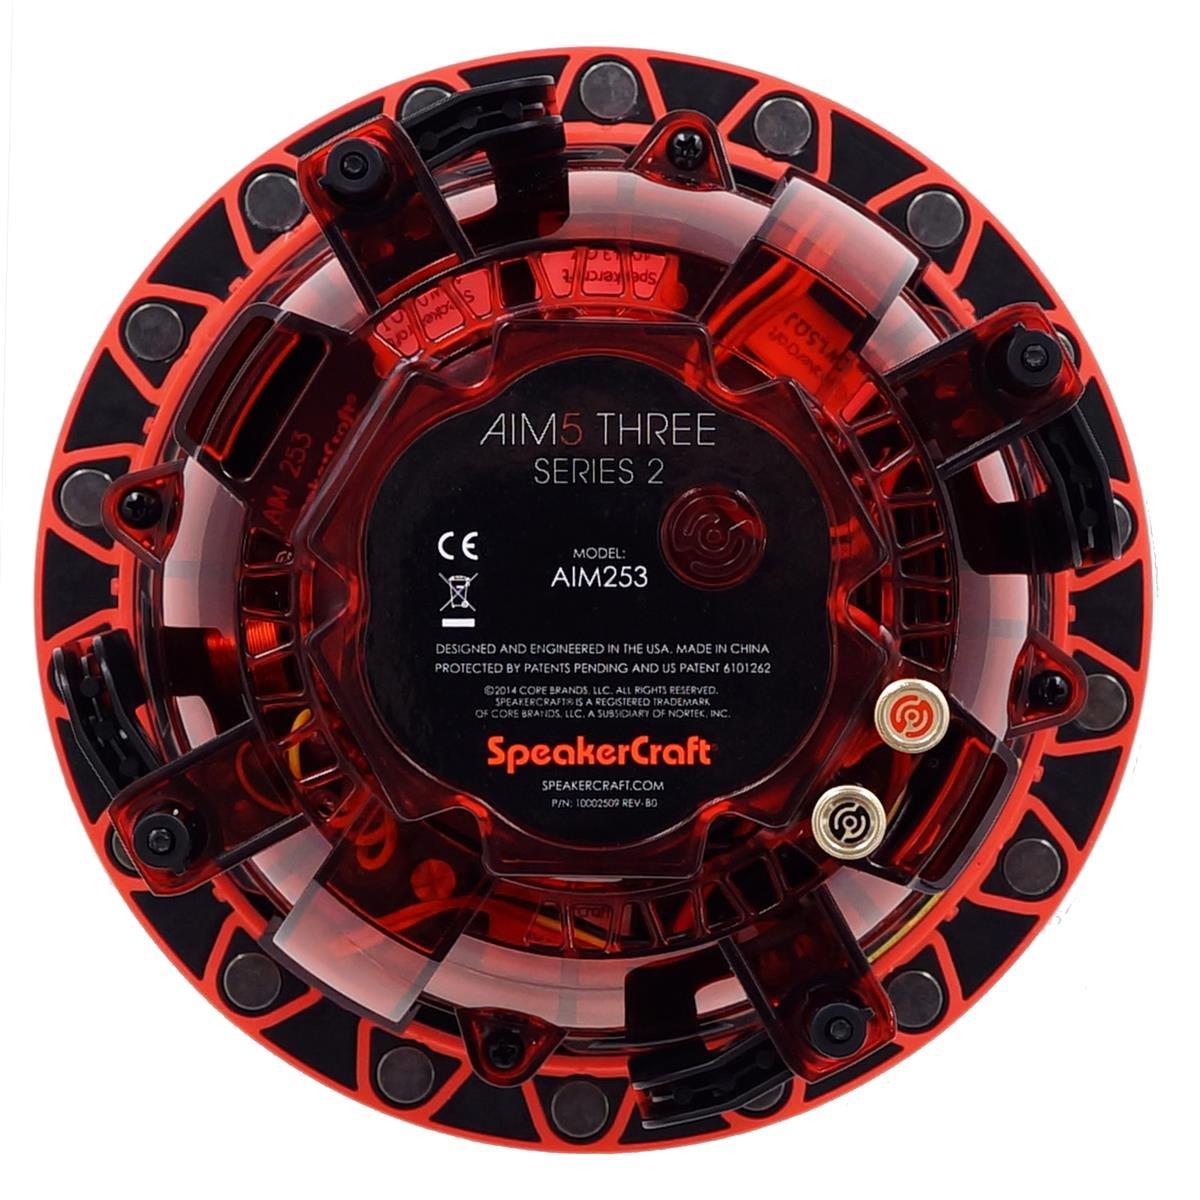 Receiver và ampli (nghe nhạc & xem phim-3D-dtsHD-trueHD-HDMA)loa-center-sub-surround. - 45